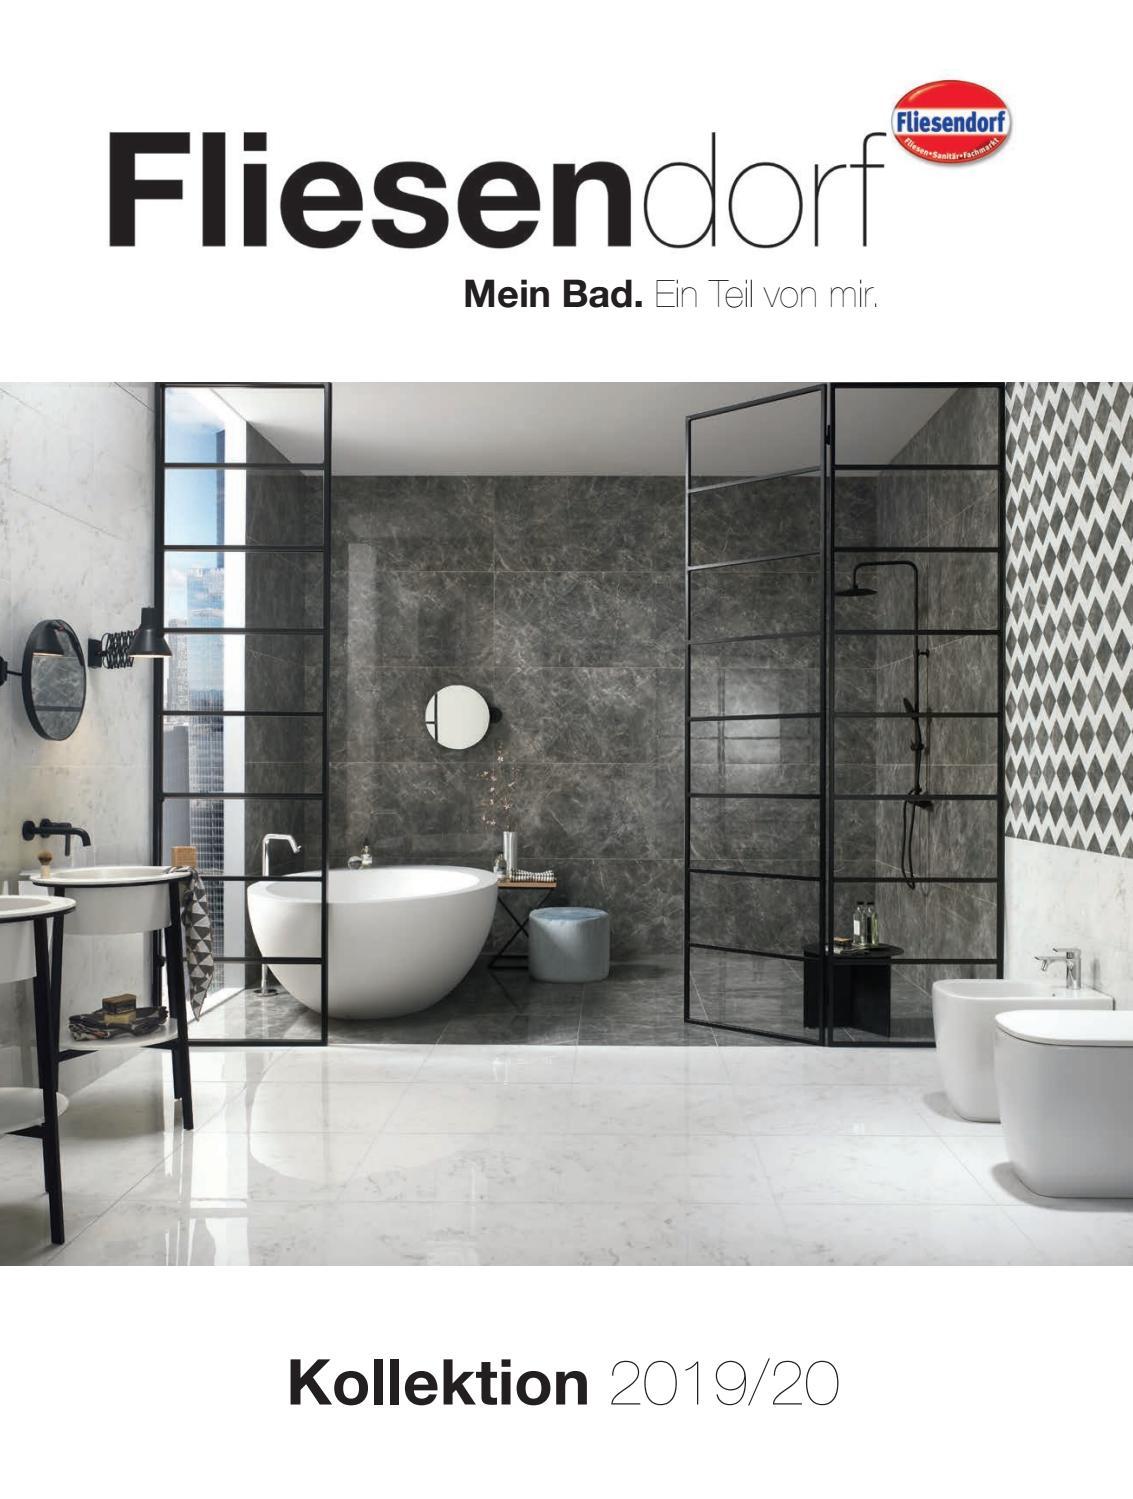 Fliesendorf Kollektion 2019 20 By Fliesendorf At Issuu